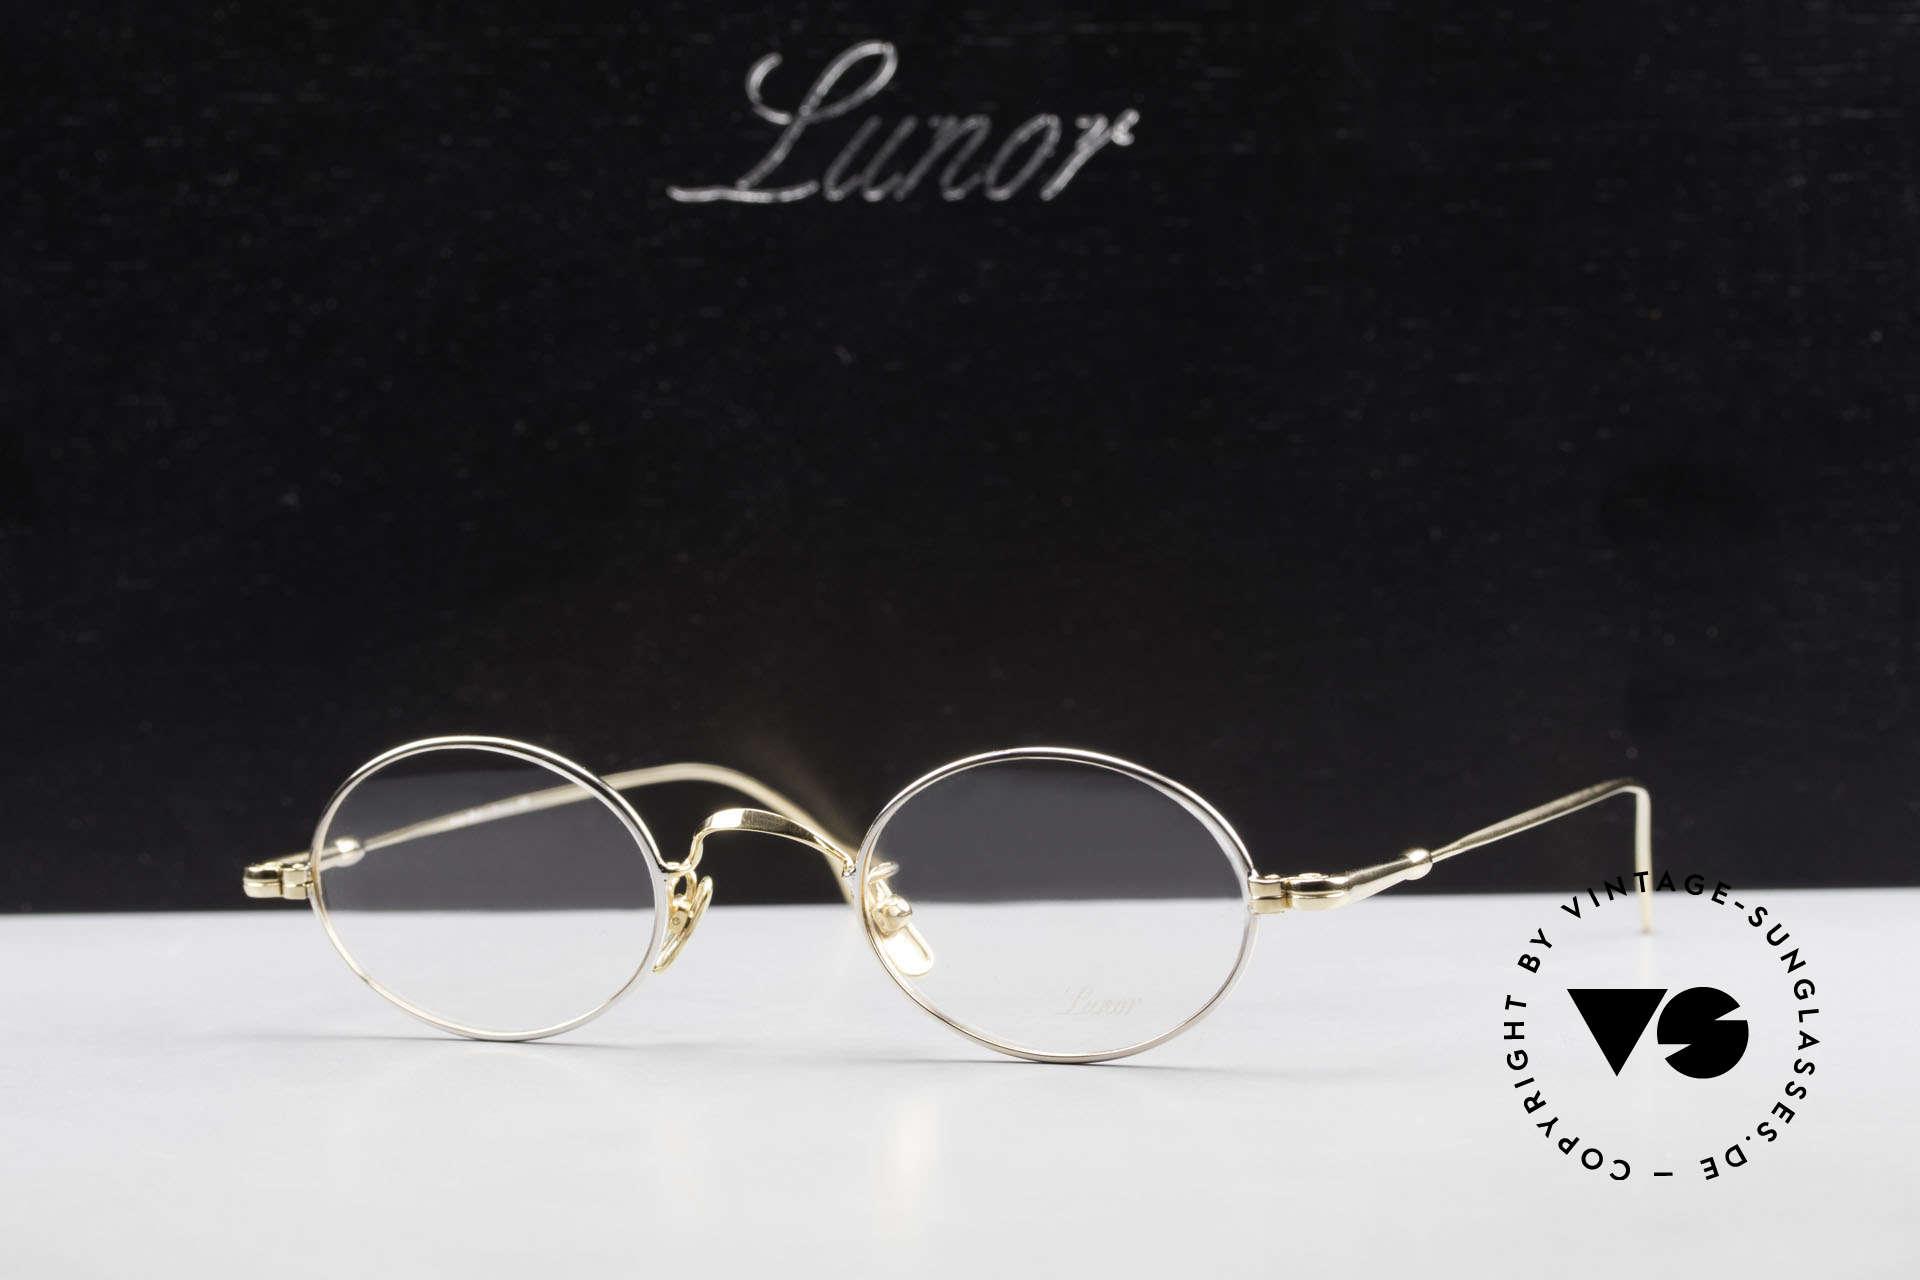 Lunor V 100 Ovale Lunor Brille Bicolor, Größe: medium, Passend für Herren und Damen